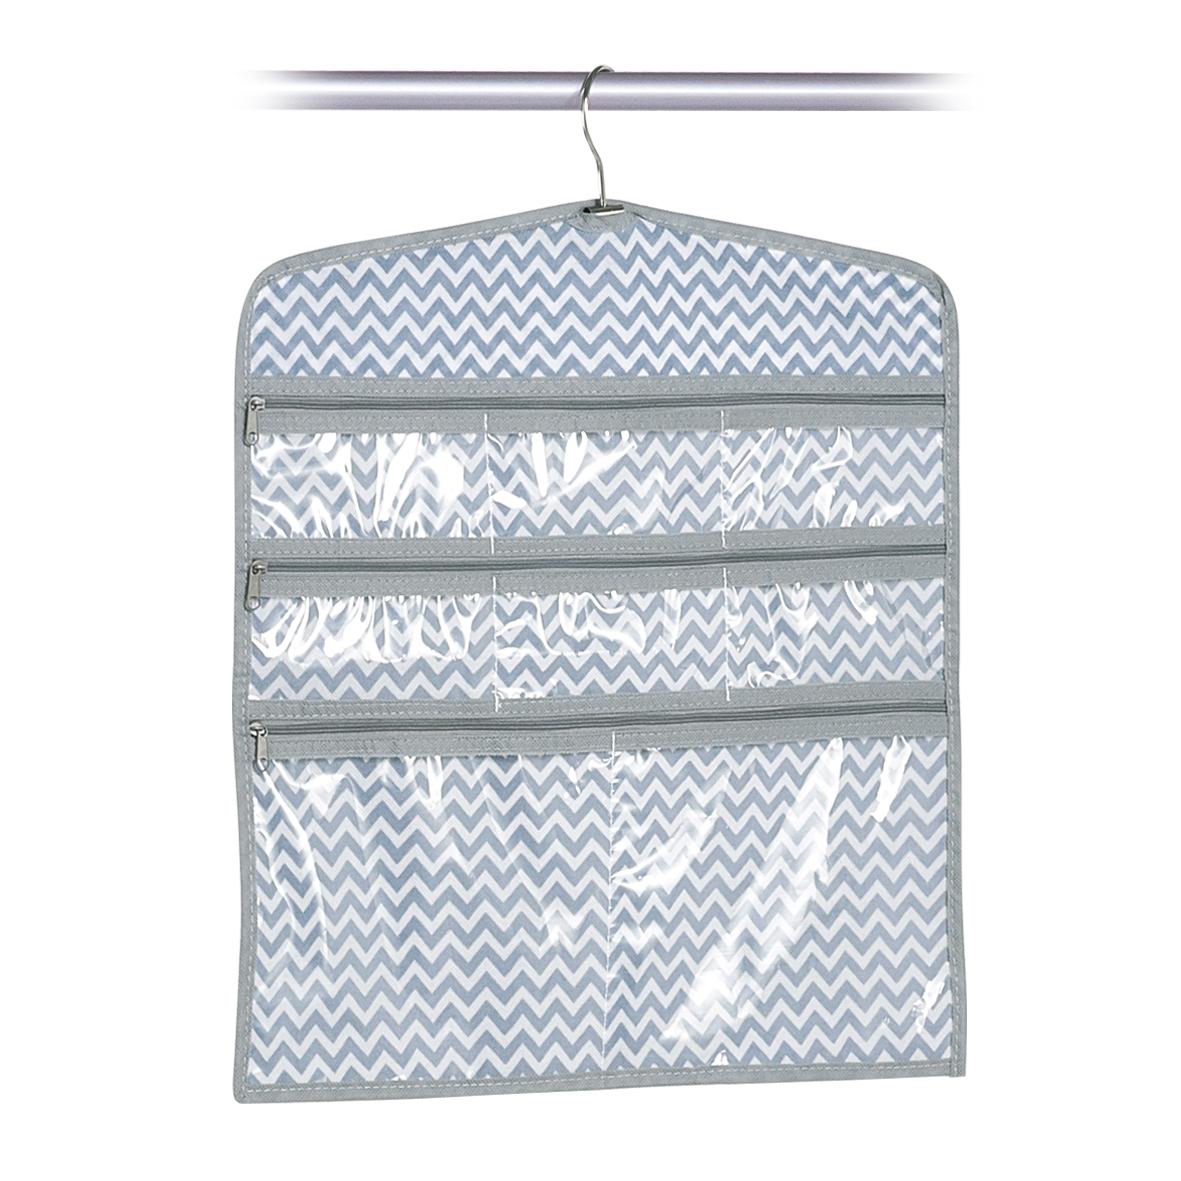 Organizator textil pentru dulap cu 8 de compartimente, Alb / Gri Zig Zag, l44xH45 cm imagine